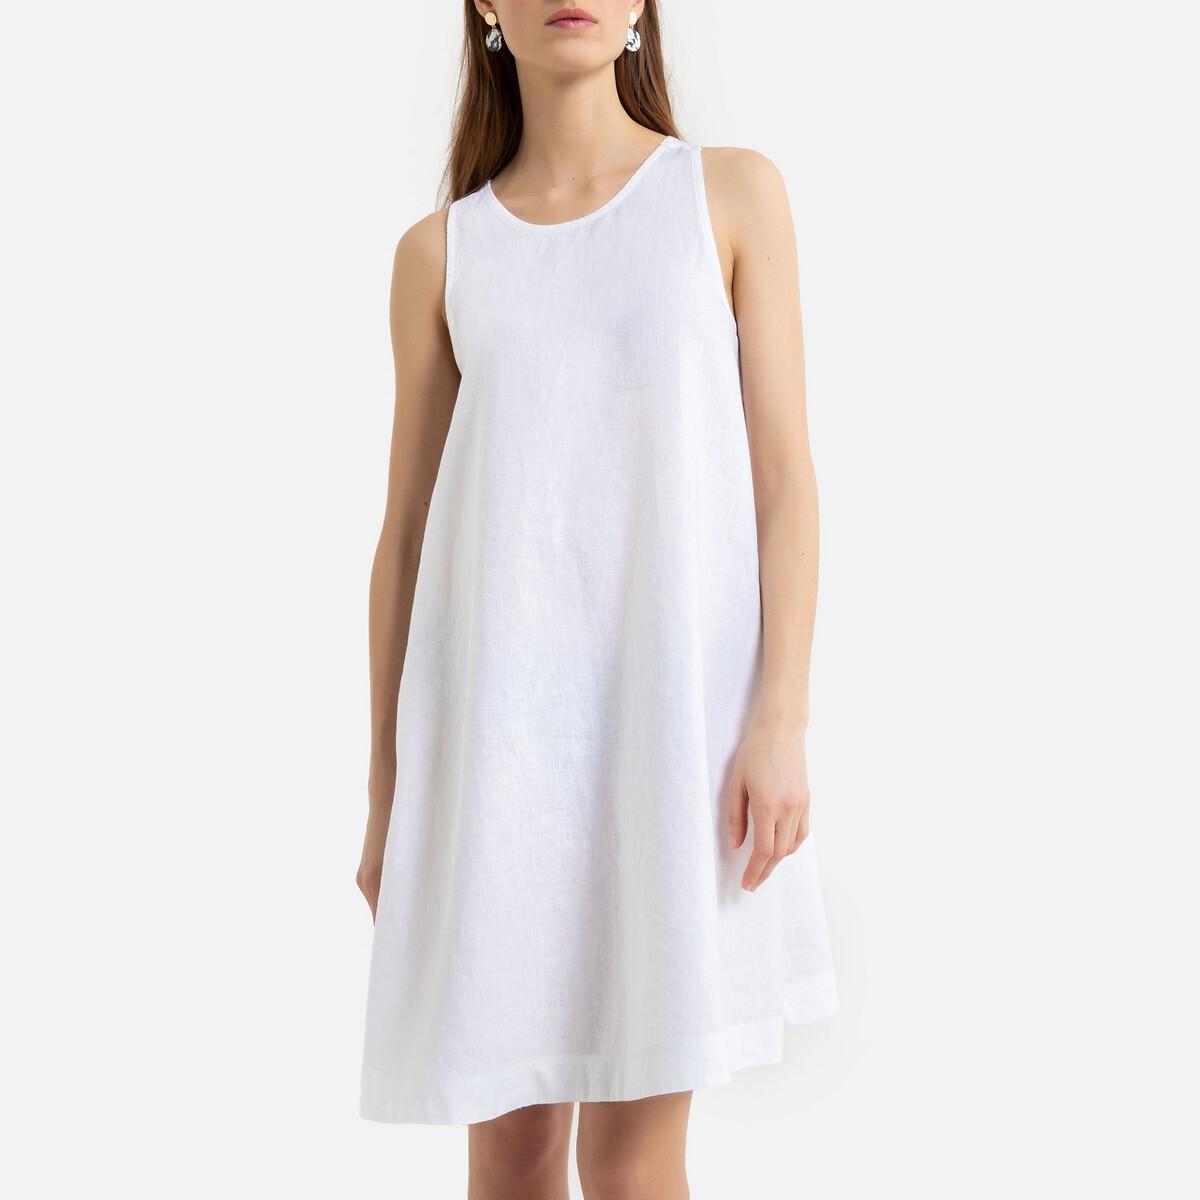 Платье La Redoute Без рукавов расклешенной формы из льна 44 (FR) - 50 (RUS) белый комплект из полотенце для la redoute рук из хлопка и льна nipaly 50 x 100 см белый